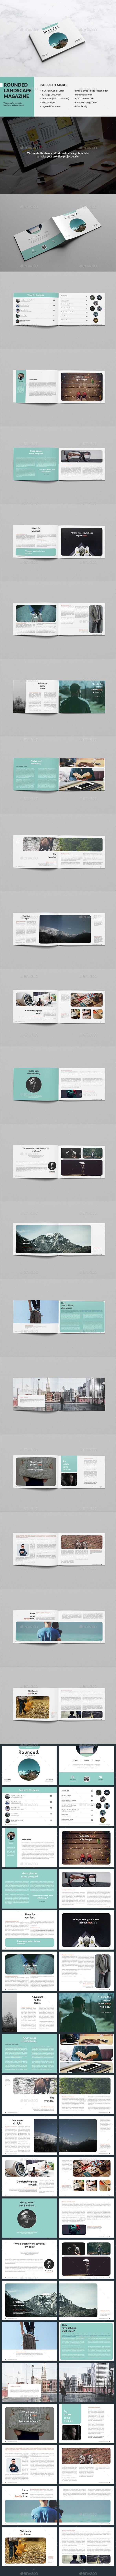 Rounded Landscape Magazine - Magazines Print Templates